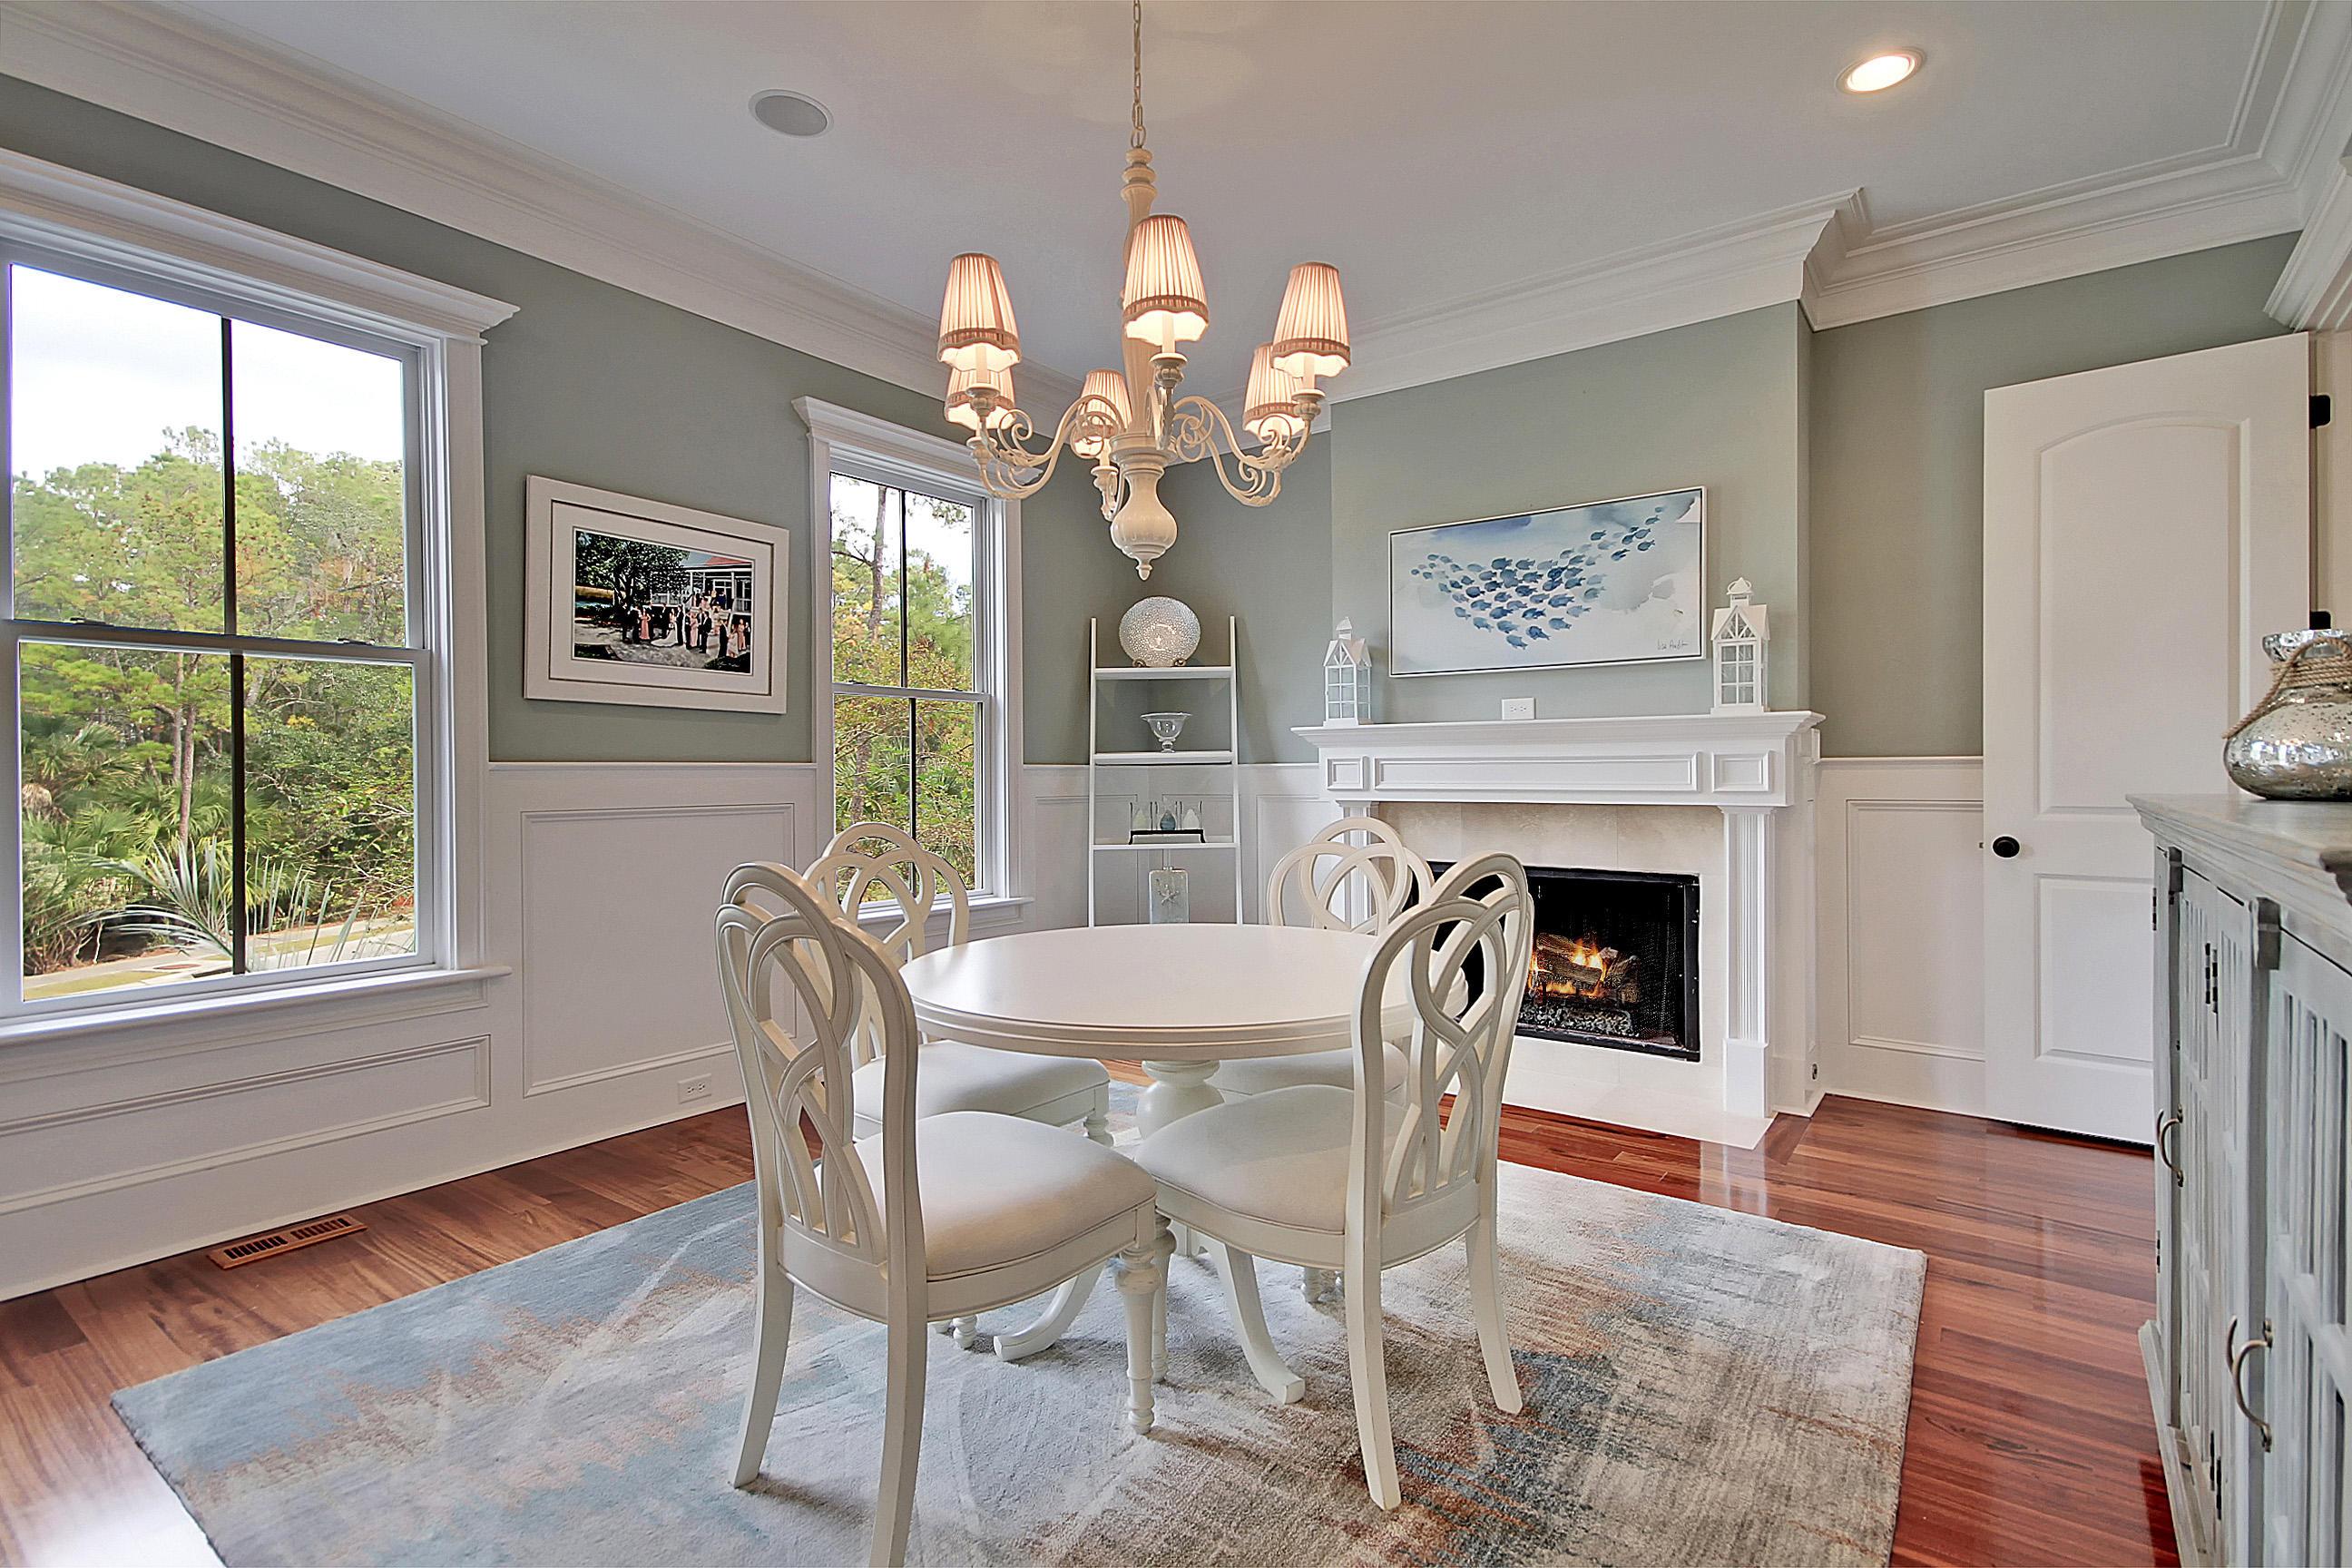 Park West Homes For Sale - 3940 Ashton Shore, Mount Pleasant, SC - 64